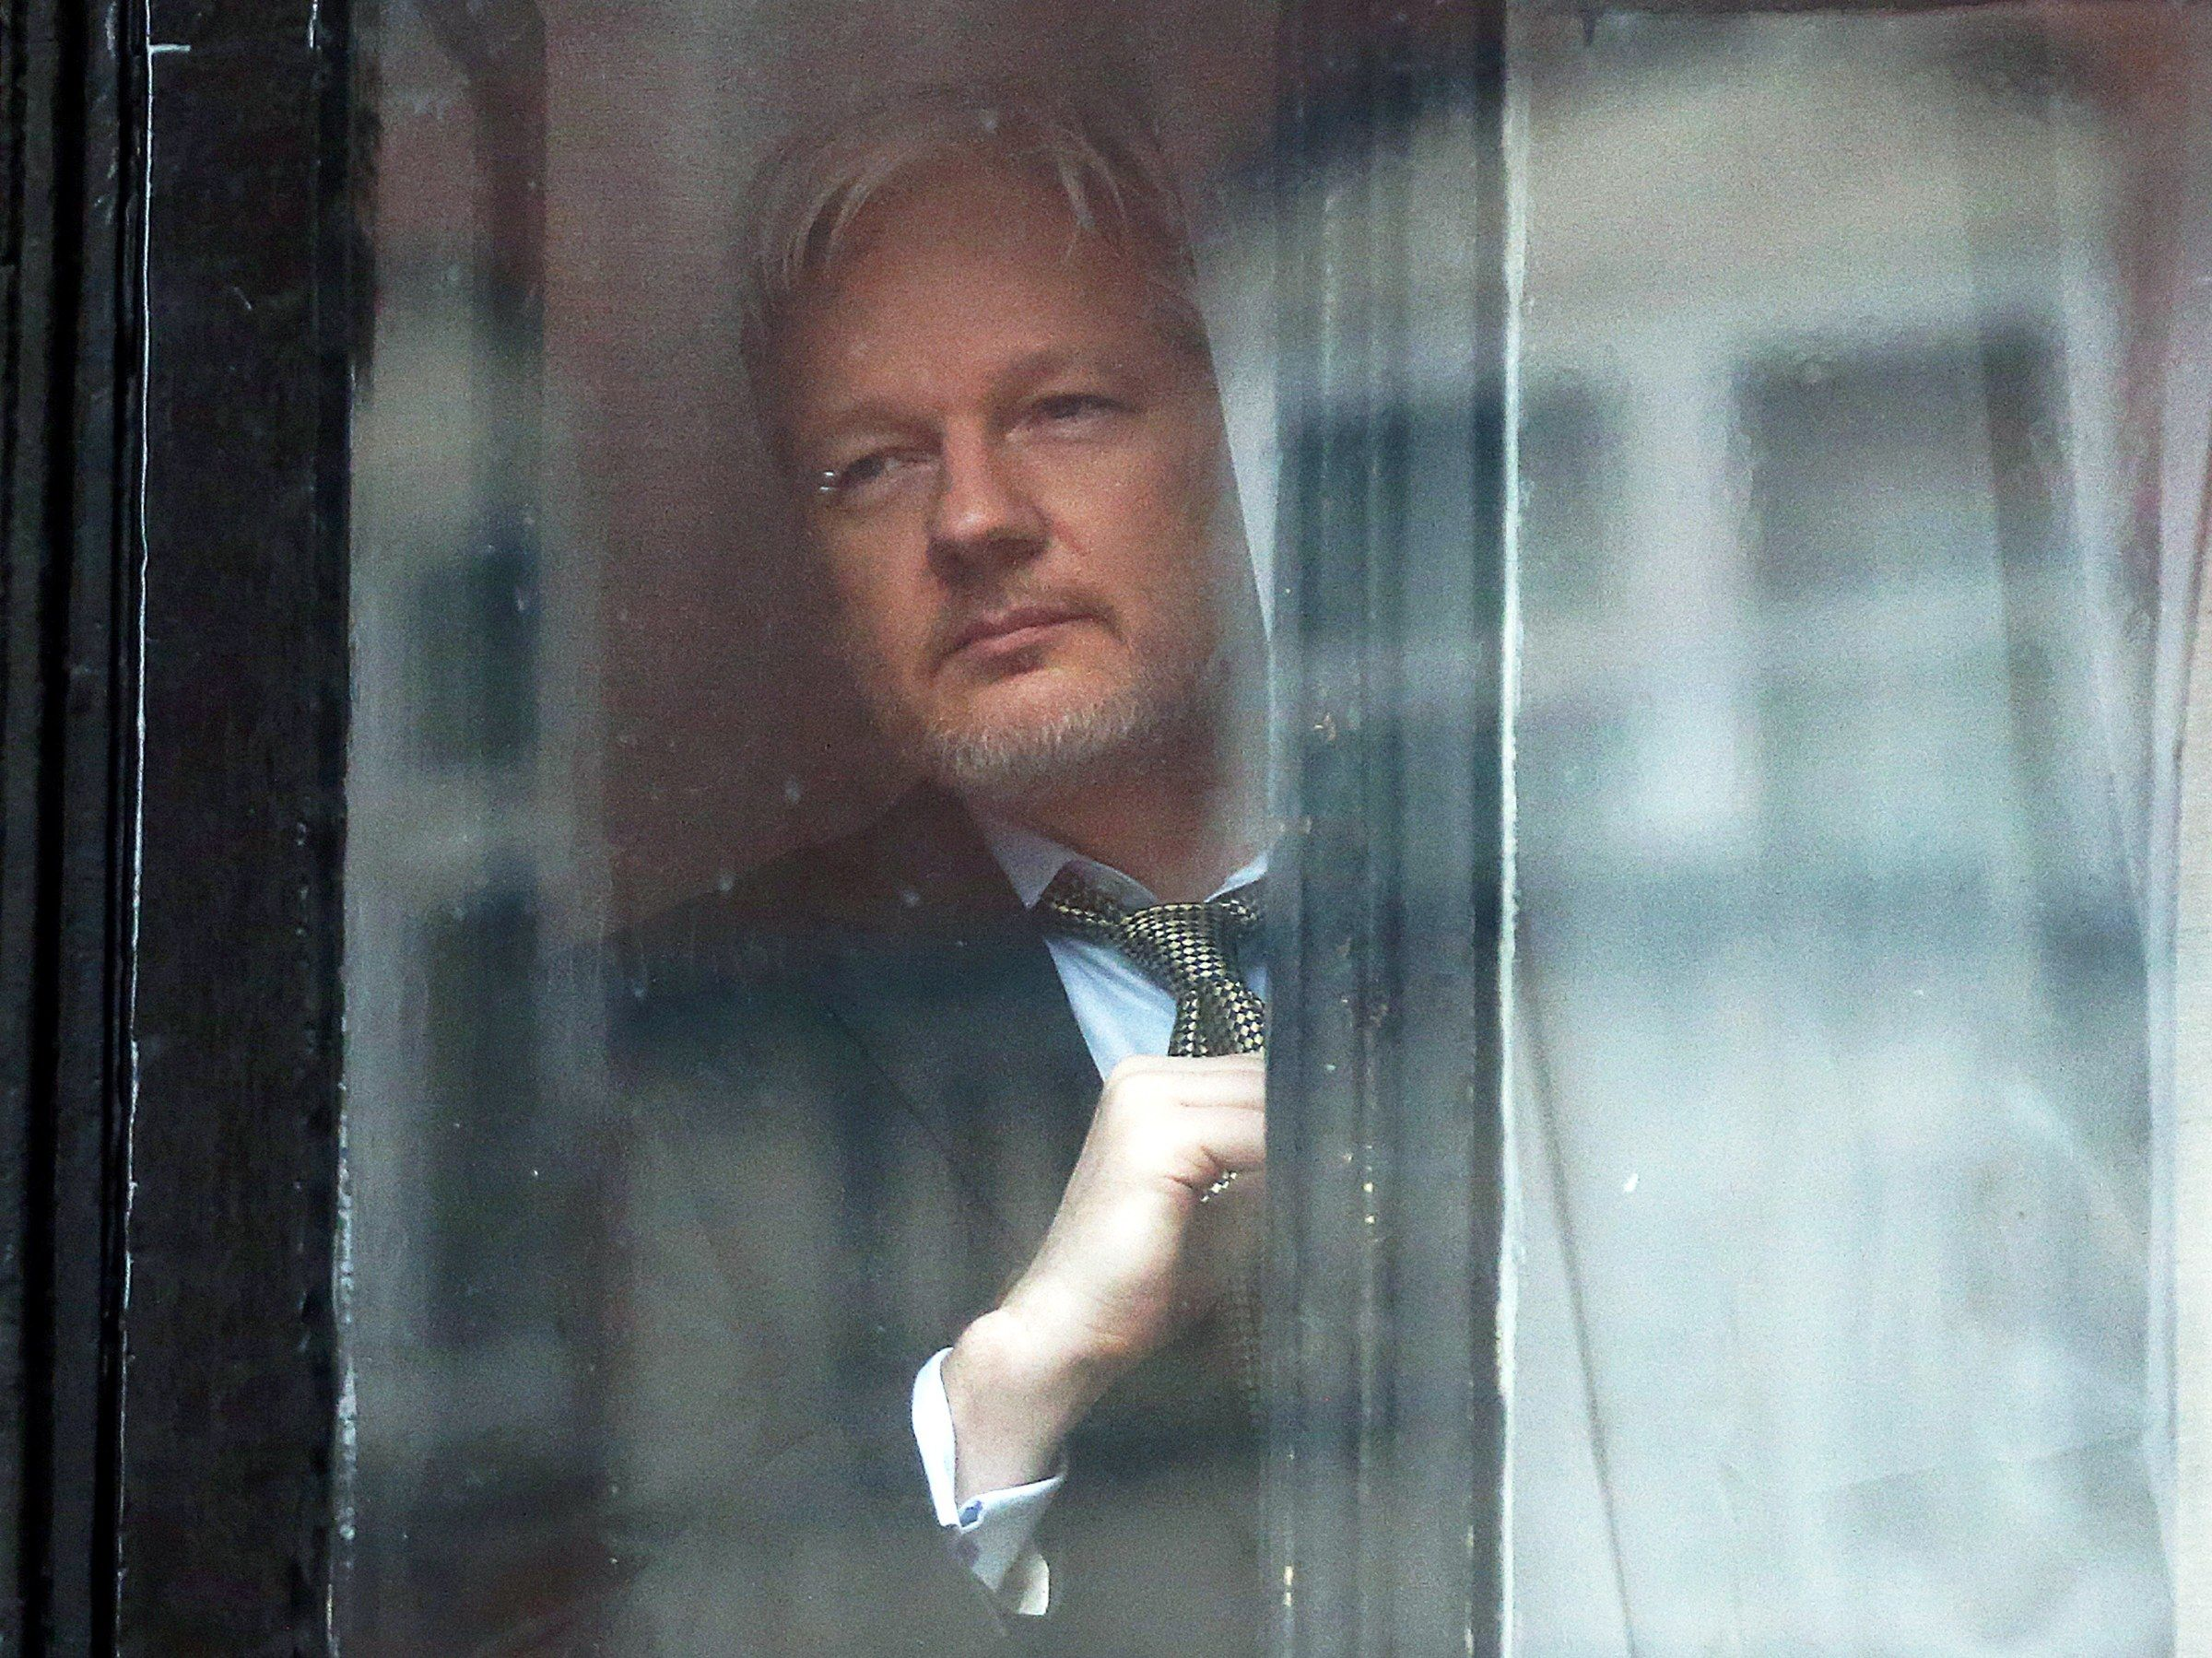 The Latest Julian Assange Indictment Is an Assault on